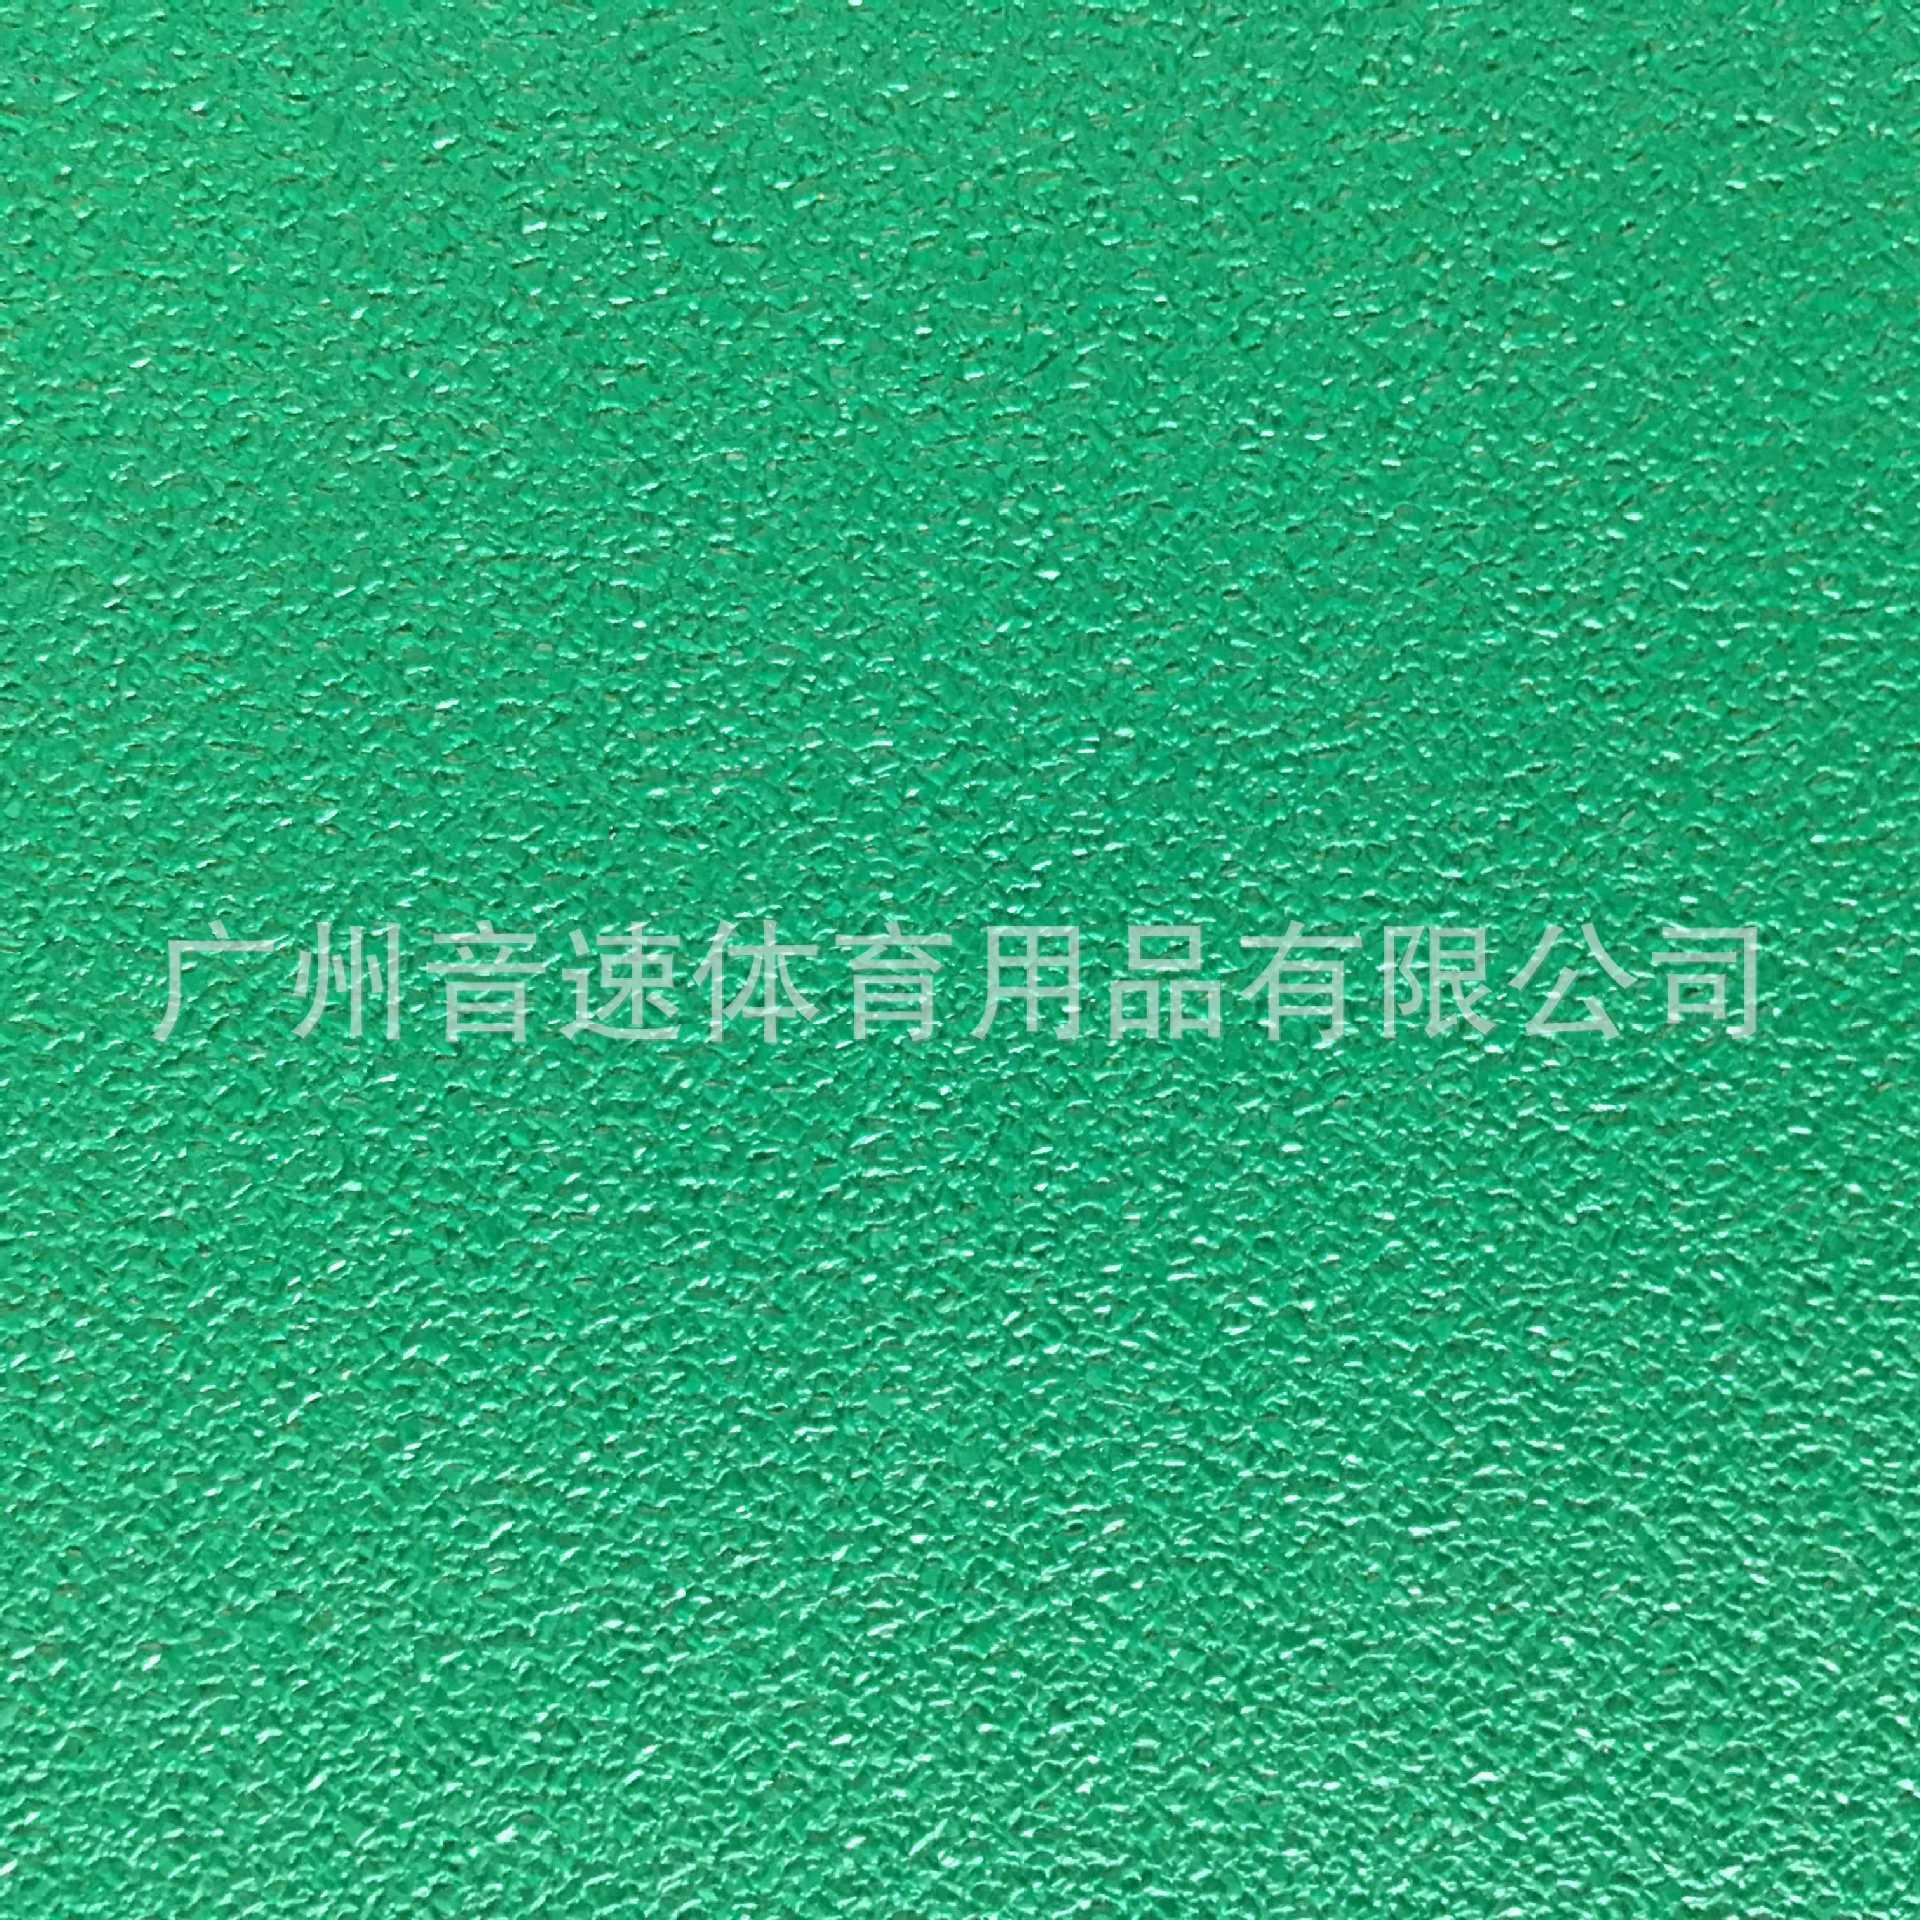 钻石纹5.1mm羽毛球场地安装***室内耐磨PVC地板健身房塑胶垫绿色